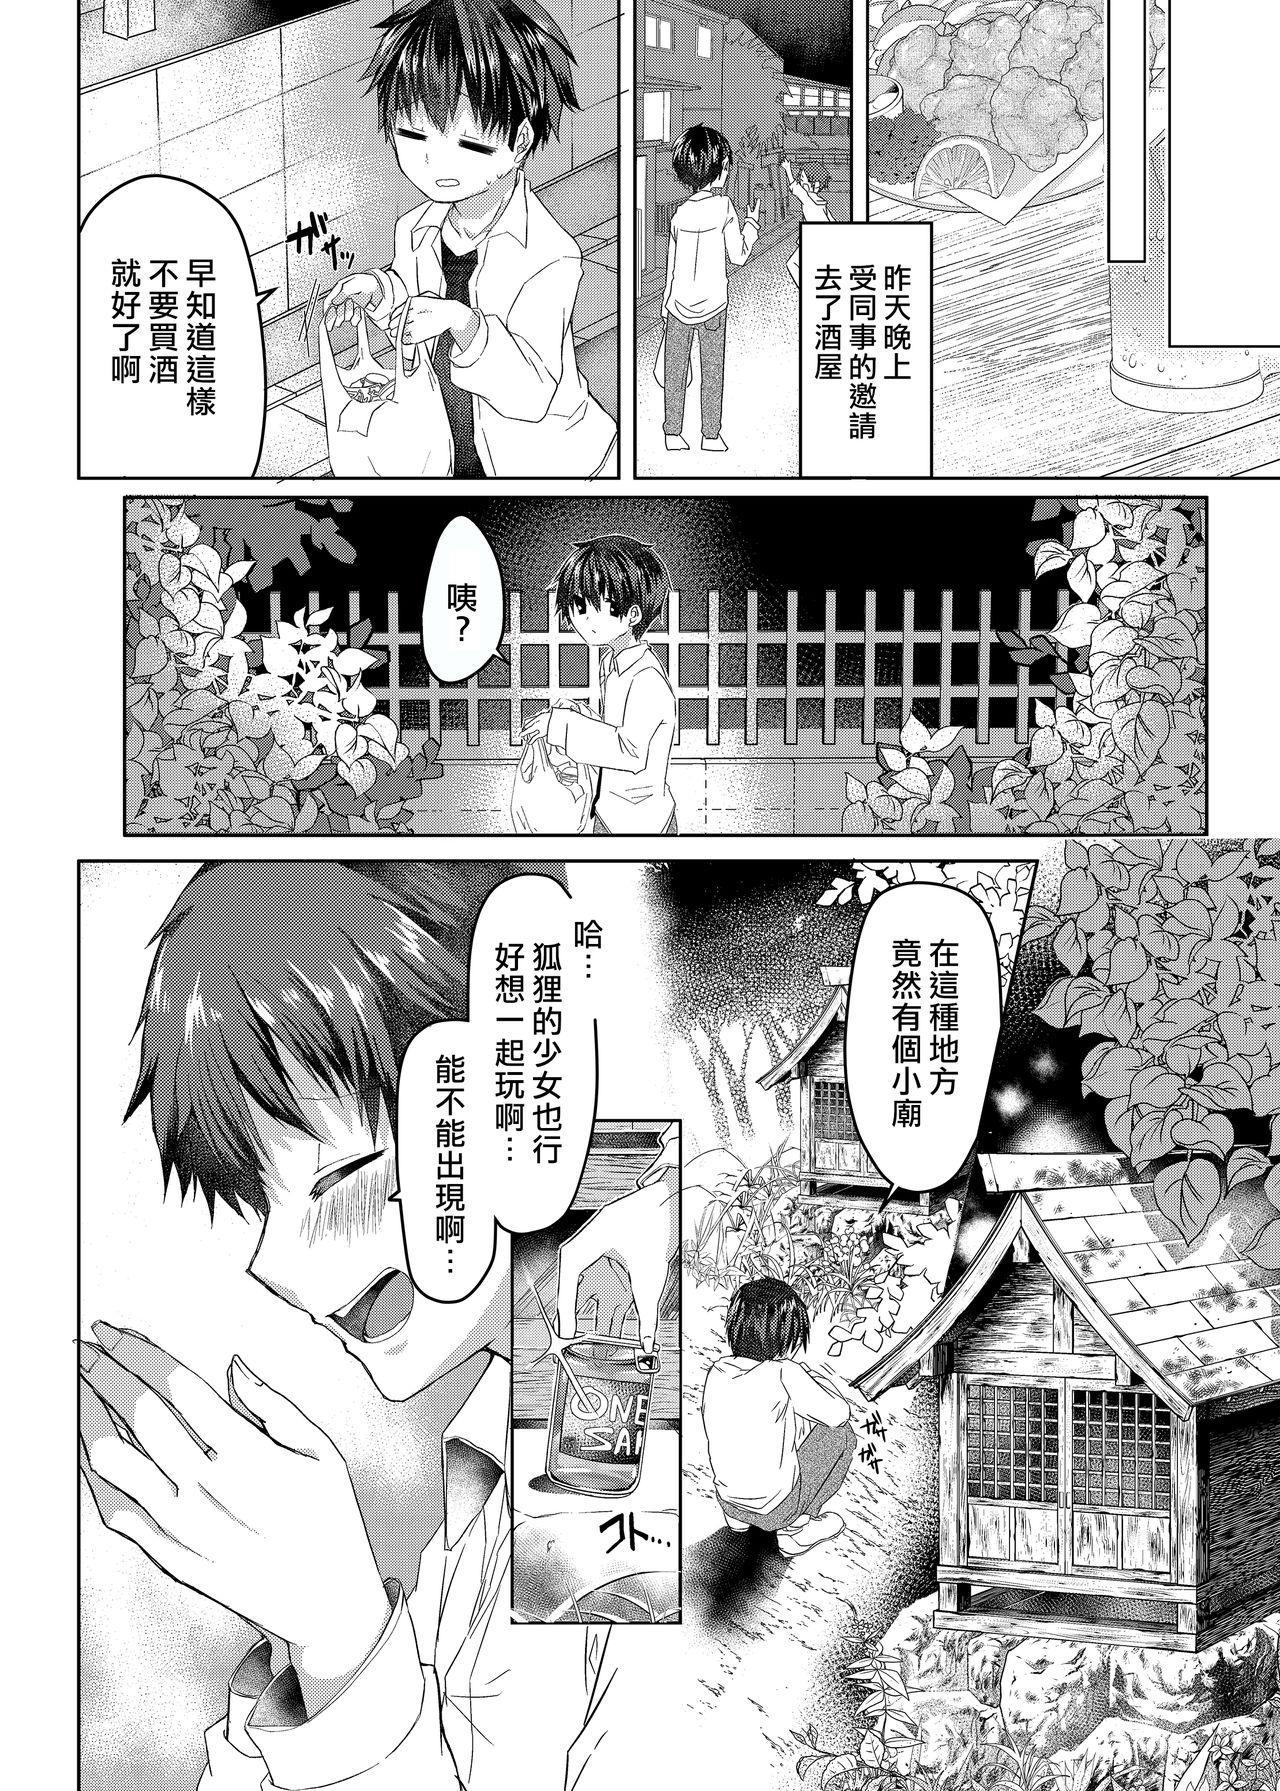 Oshikake Kitsunemusume ni Kenzokukitsunemusume ni Sareta Ken 2